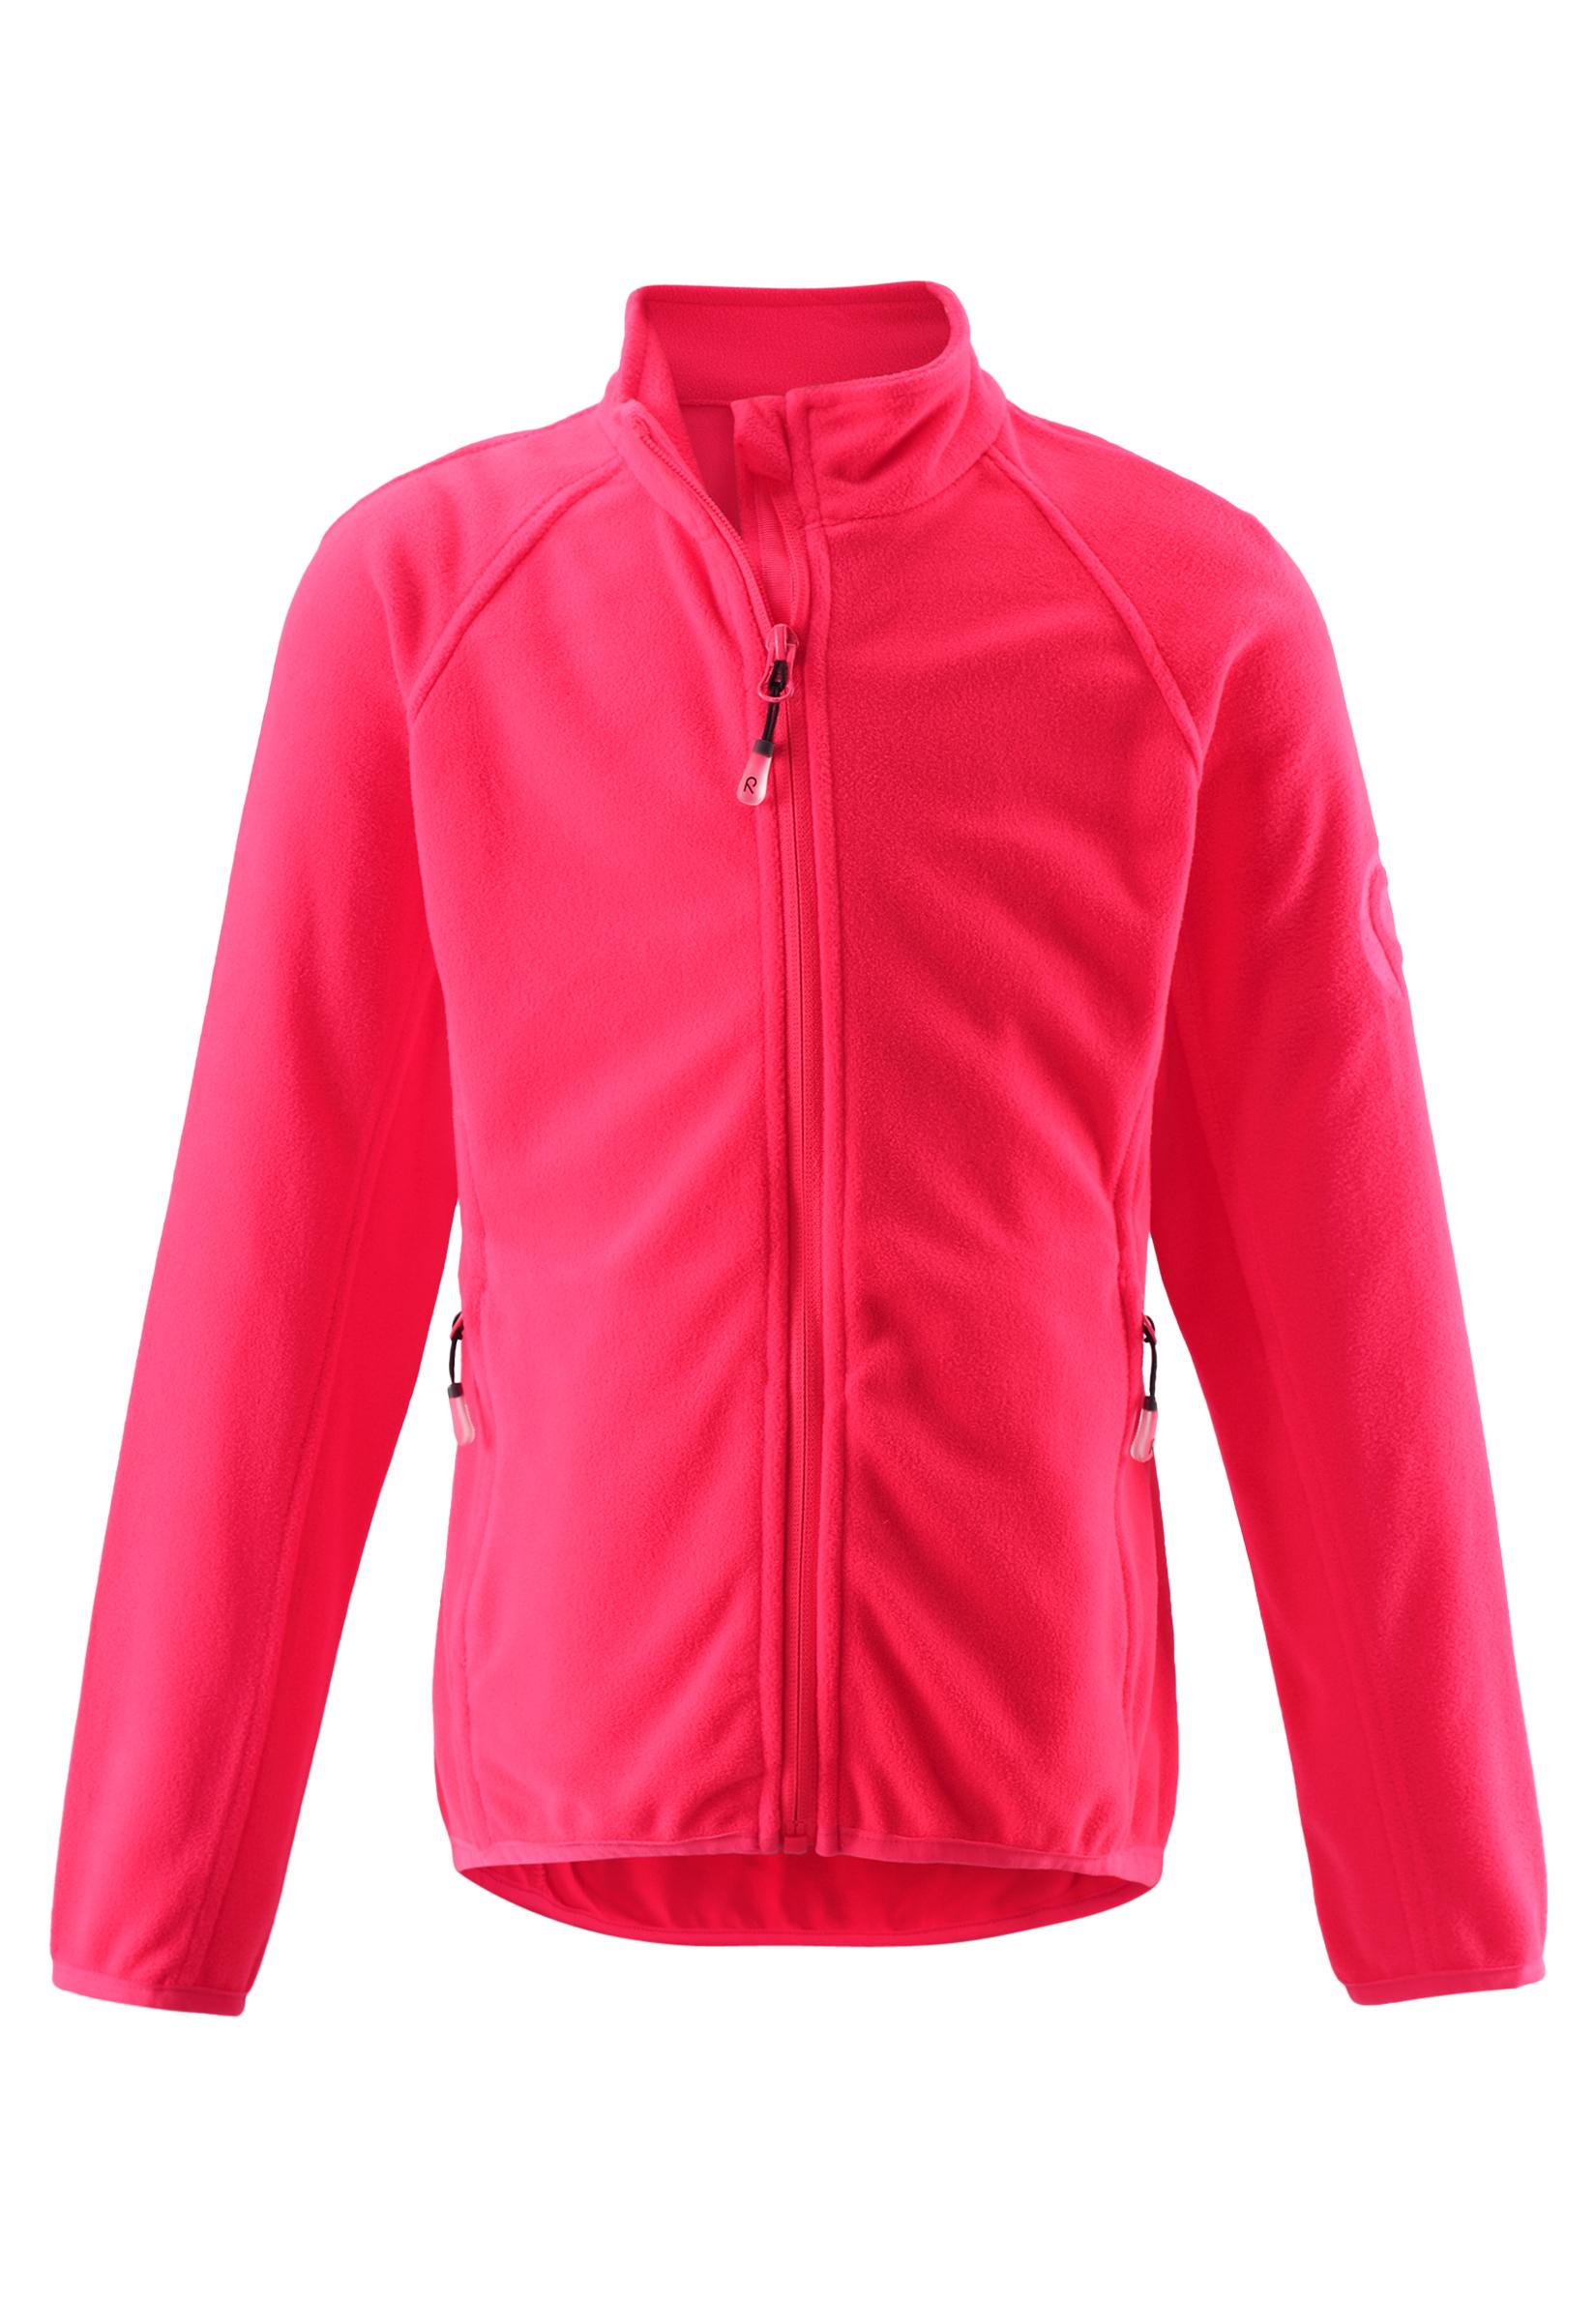 Флис горнолыжный Reima 2015-16 Alagna flamingo red Детская одежда 1197515  - купить со скидкой